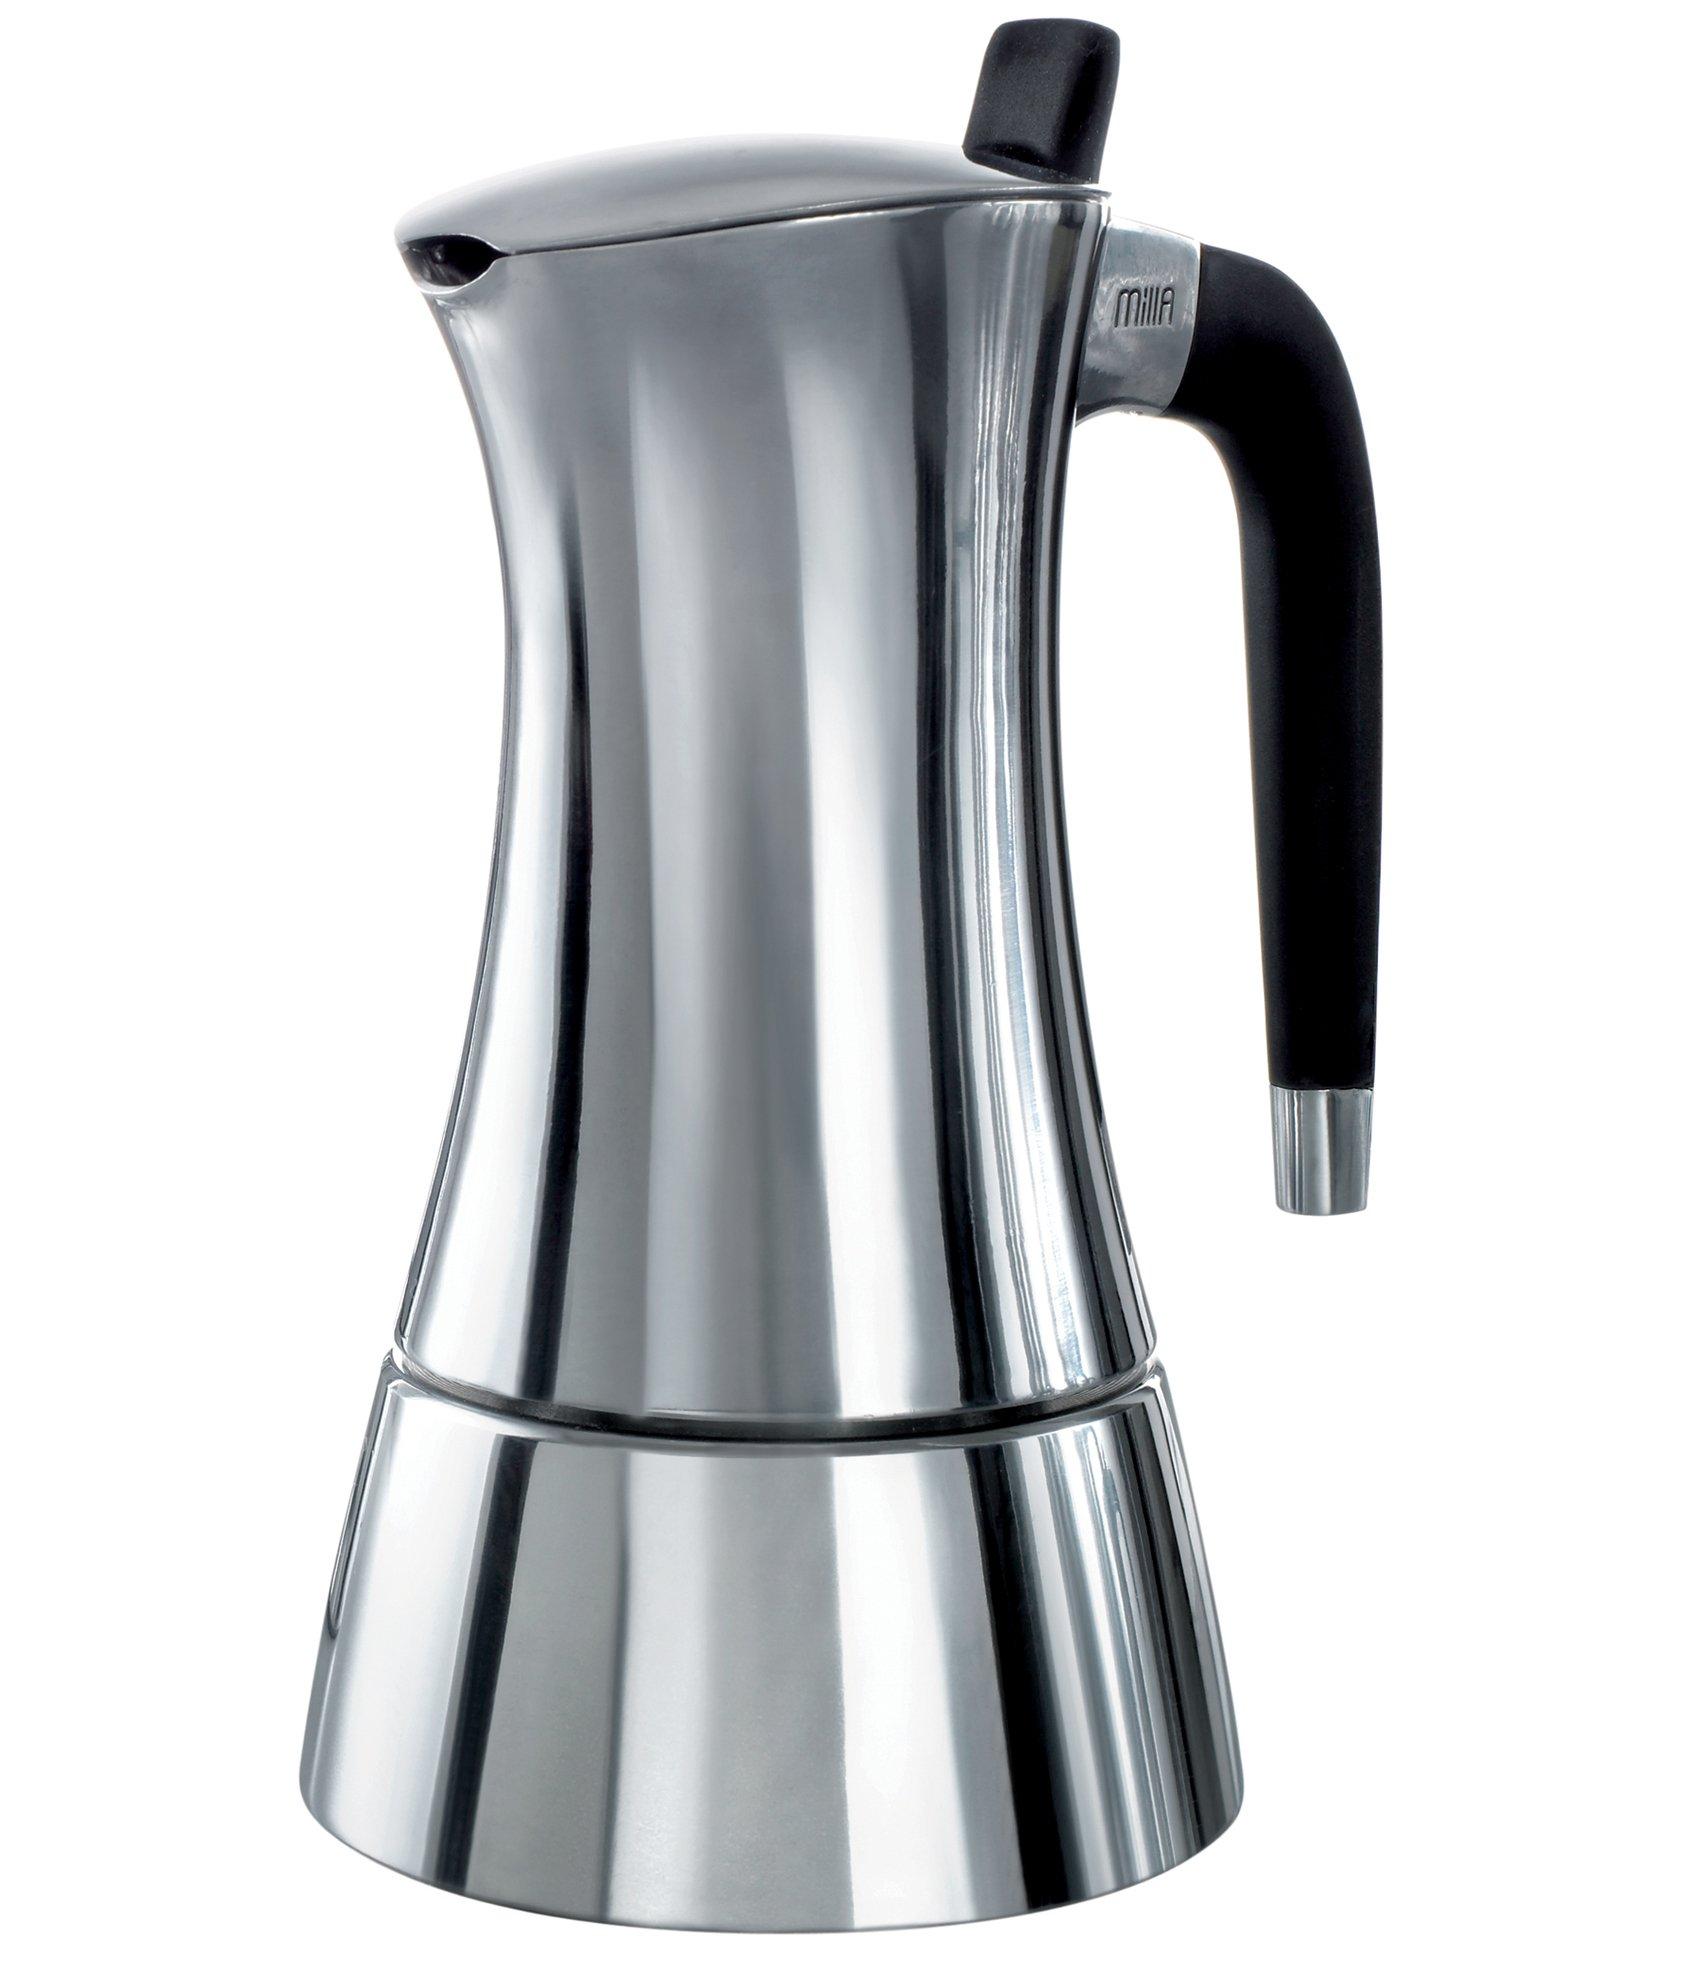 Bugatti - Milla - Coffee maker - 3 cups